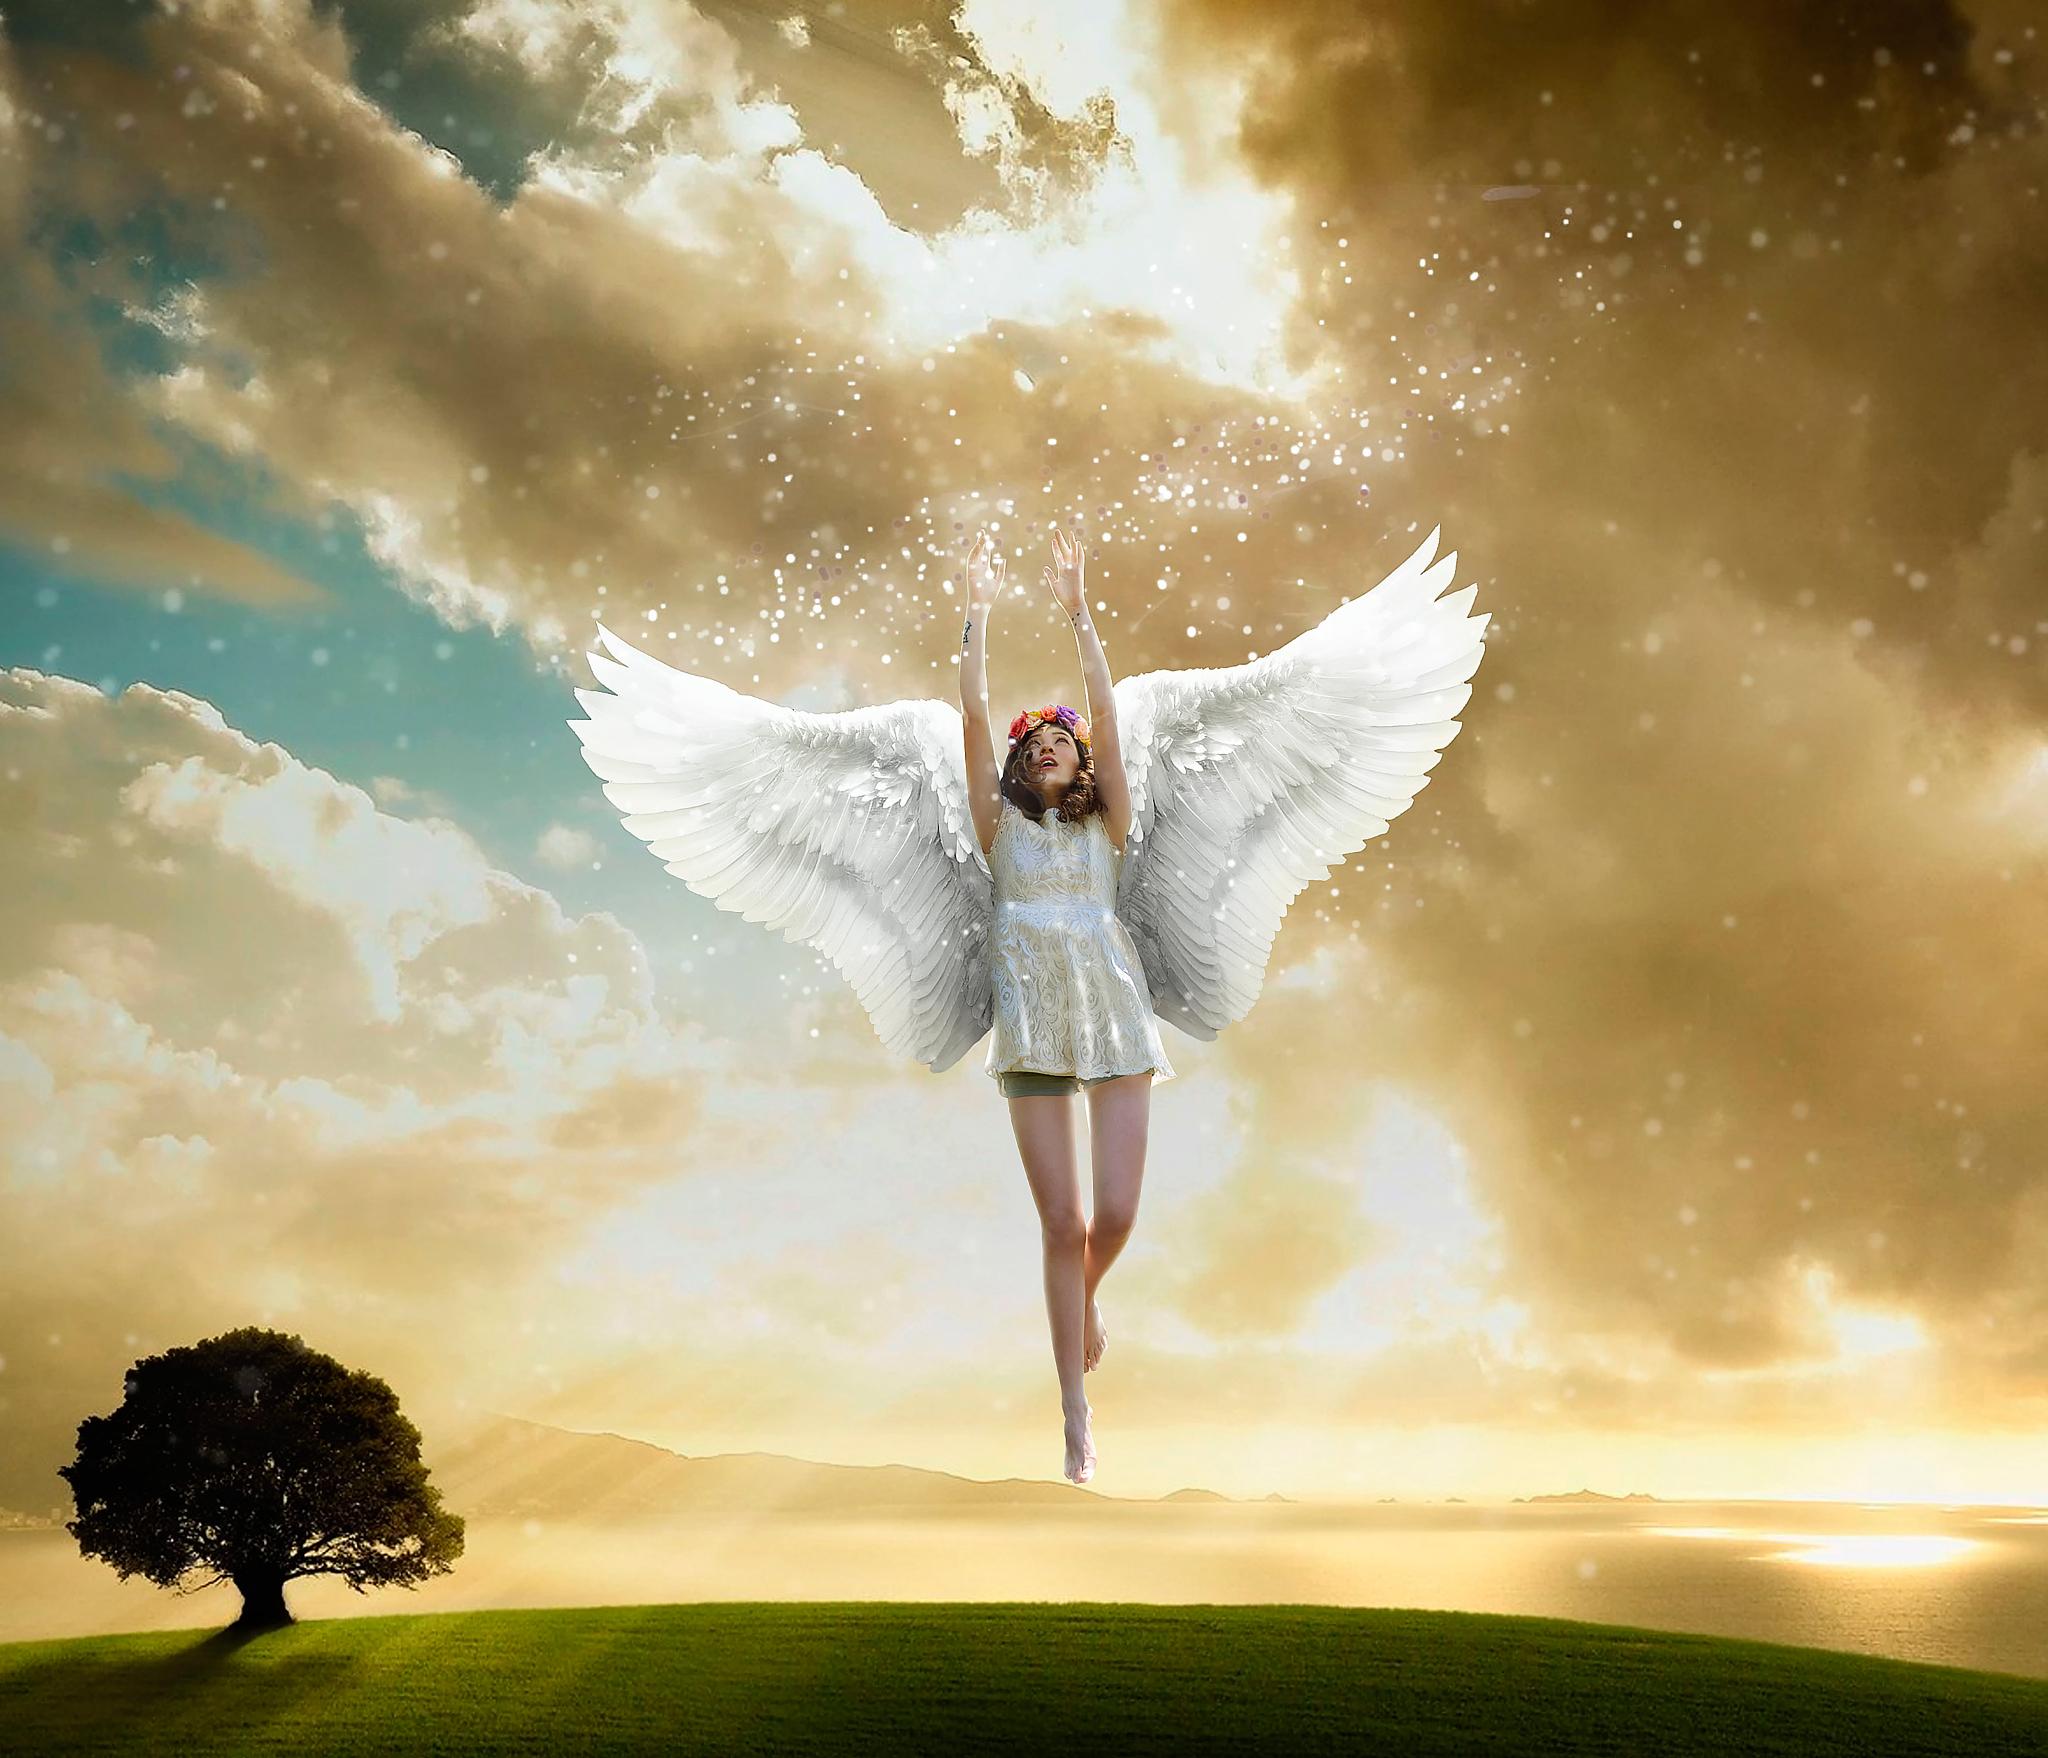 лететь на крыльях любви картинки девичника